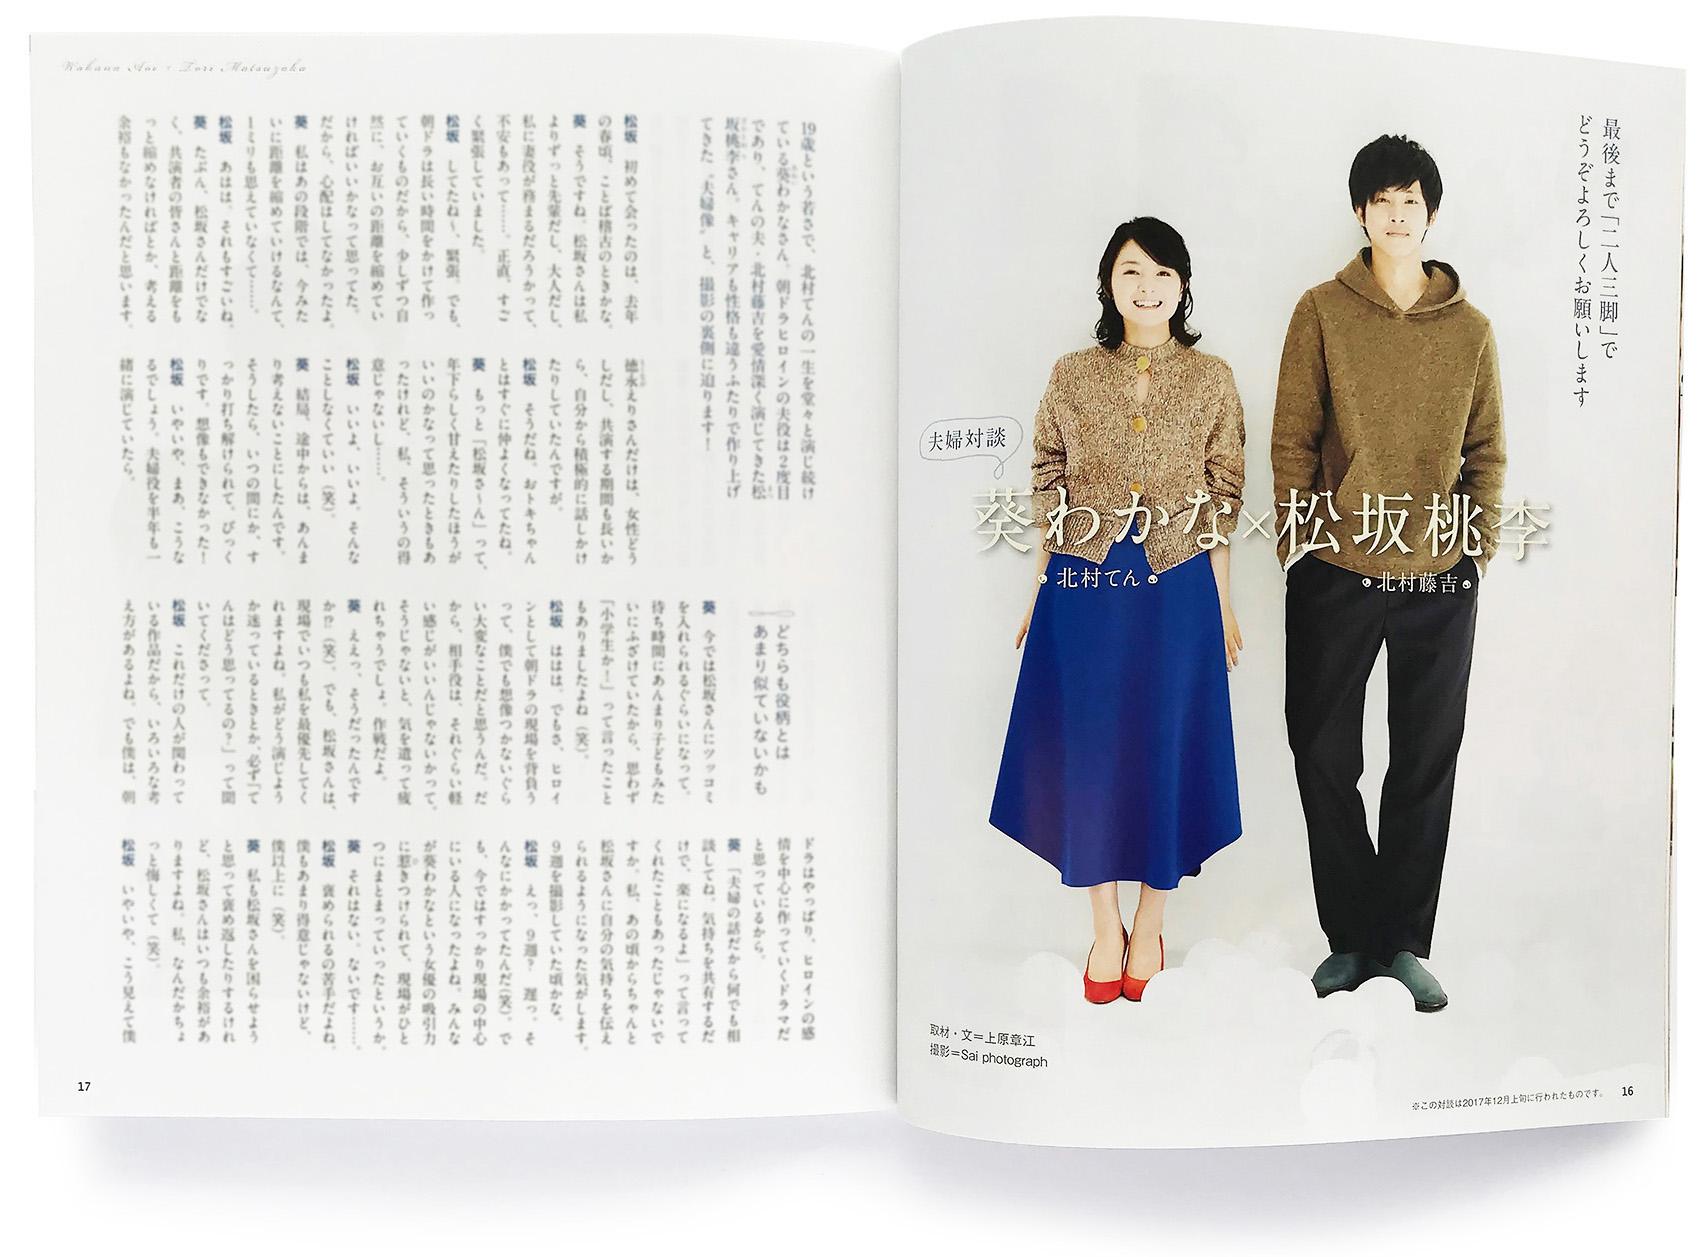 NHKドラマ・ガイド『連続テレビ小説 わろてんか』 1